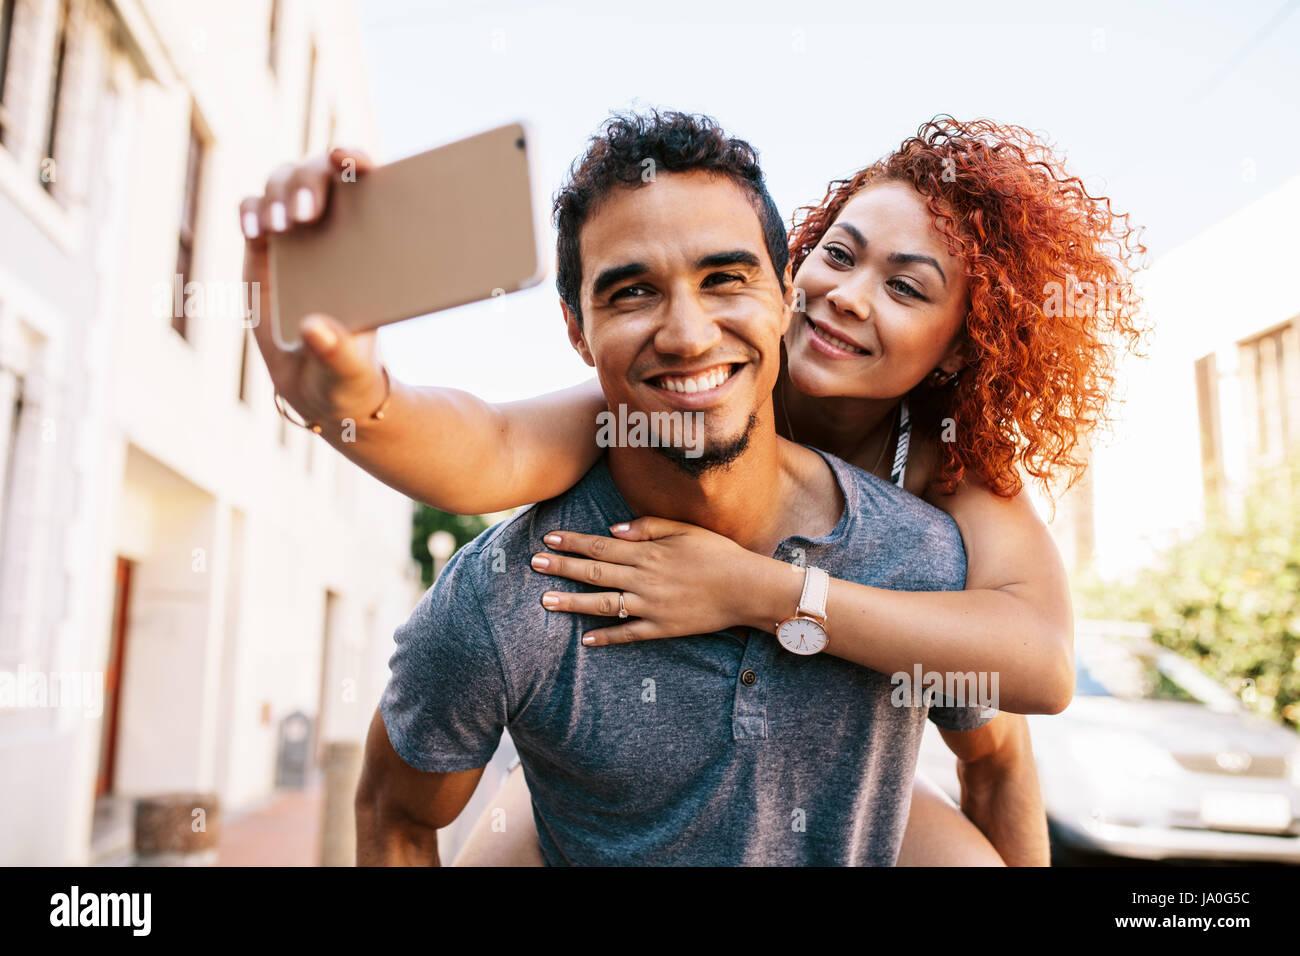 Sorridente giovane donna cavallo piggy back sul suo partner tenendo un selfie con il suo smartphone. Giovane portando Immagini Stock